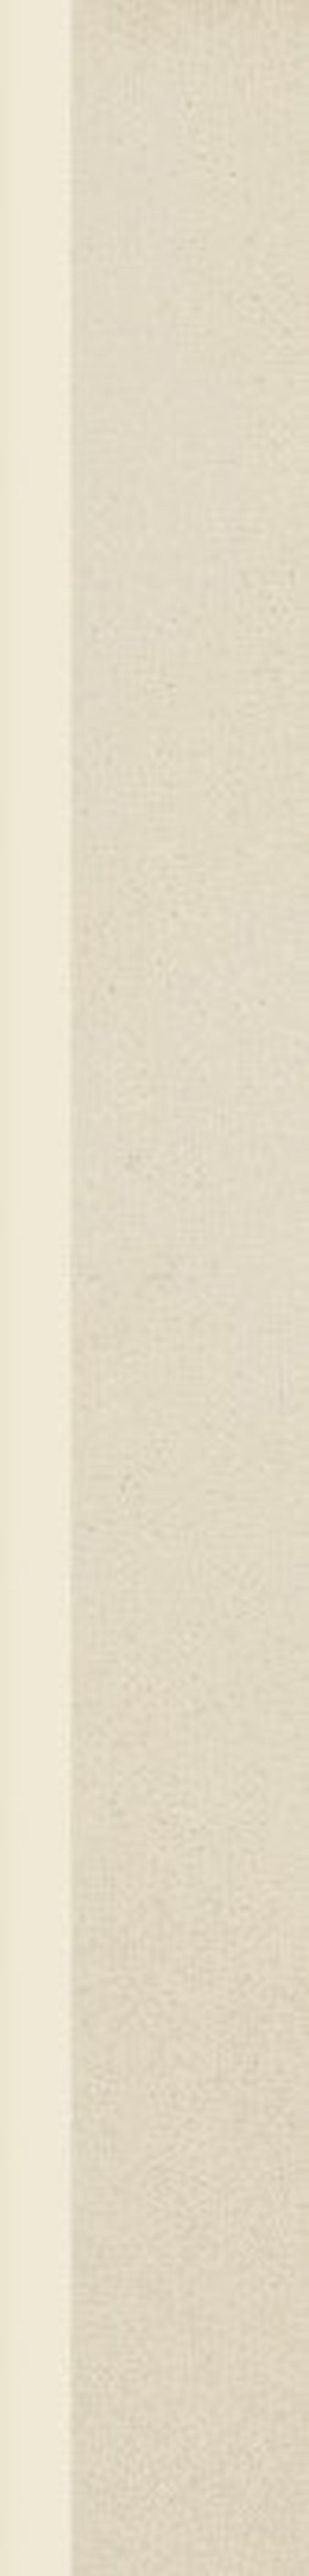 Dekoracja podłogowa 7,2x59,8 cm Paradyż Naturstone Beige Cokół Poler